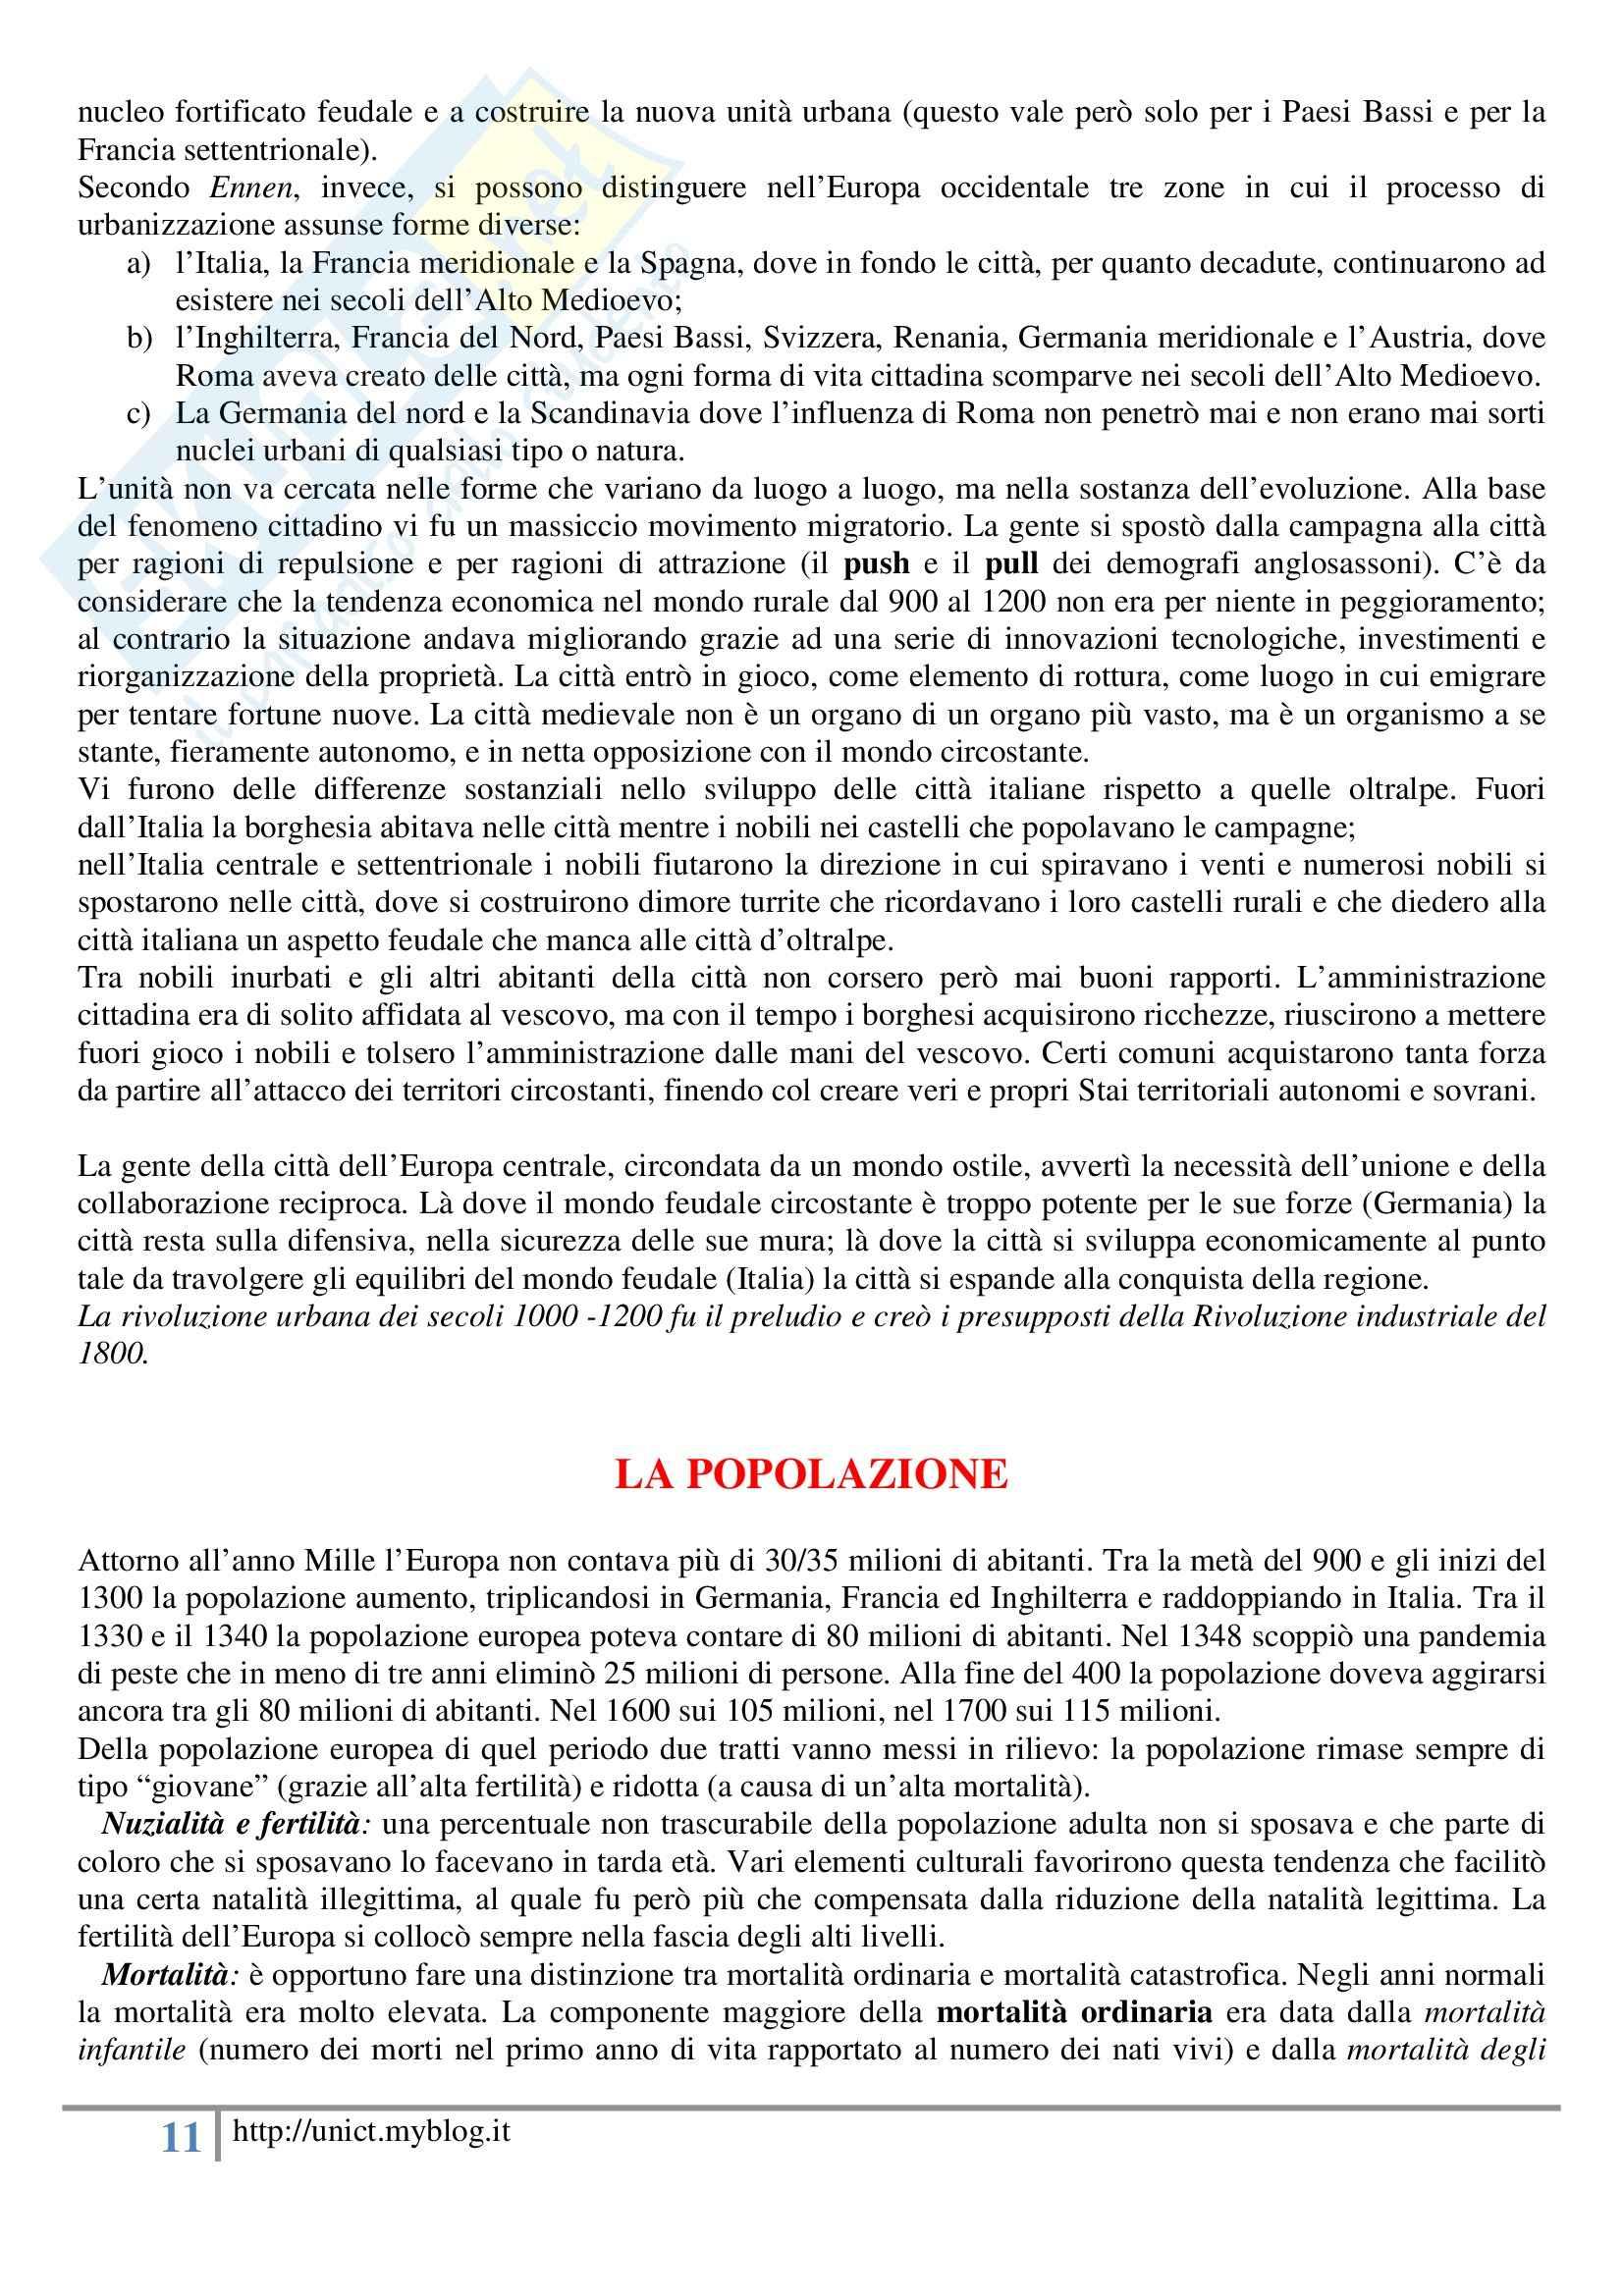 Storia dell'economia mondiale, Assante, Cipolla, Romano - Appunti Pag. 11